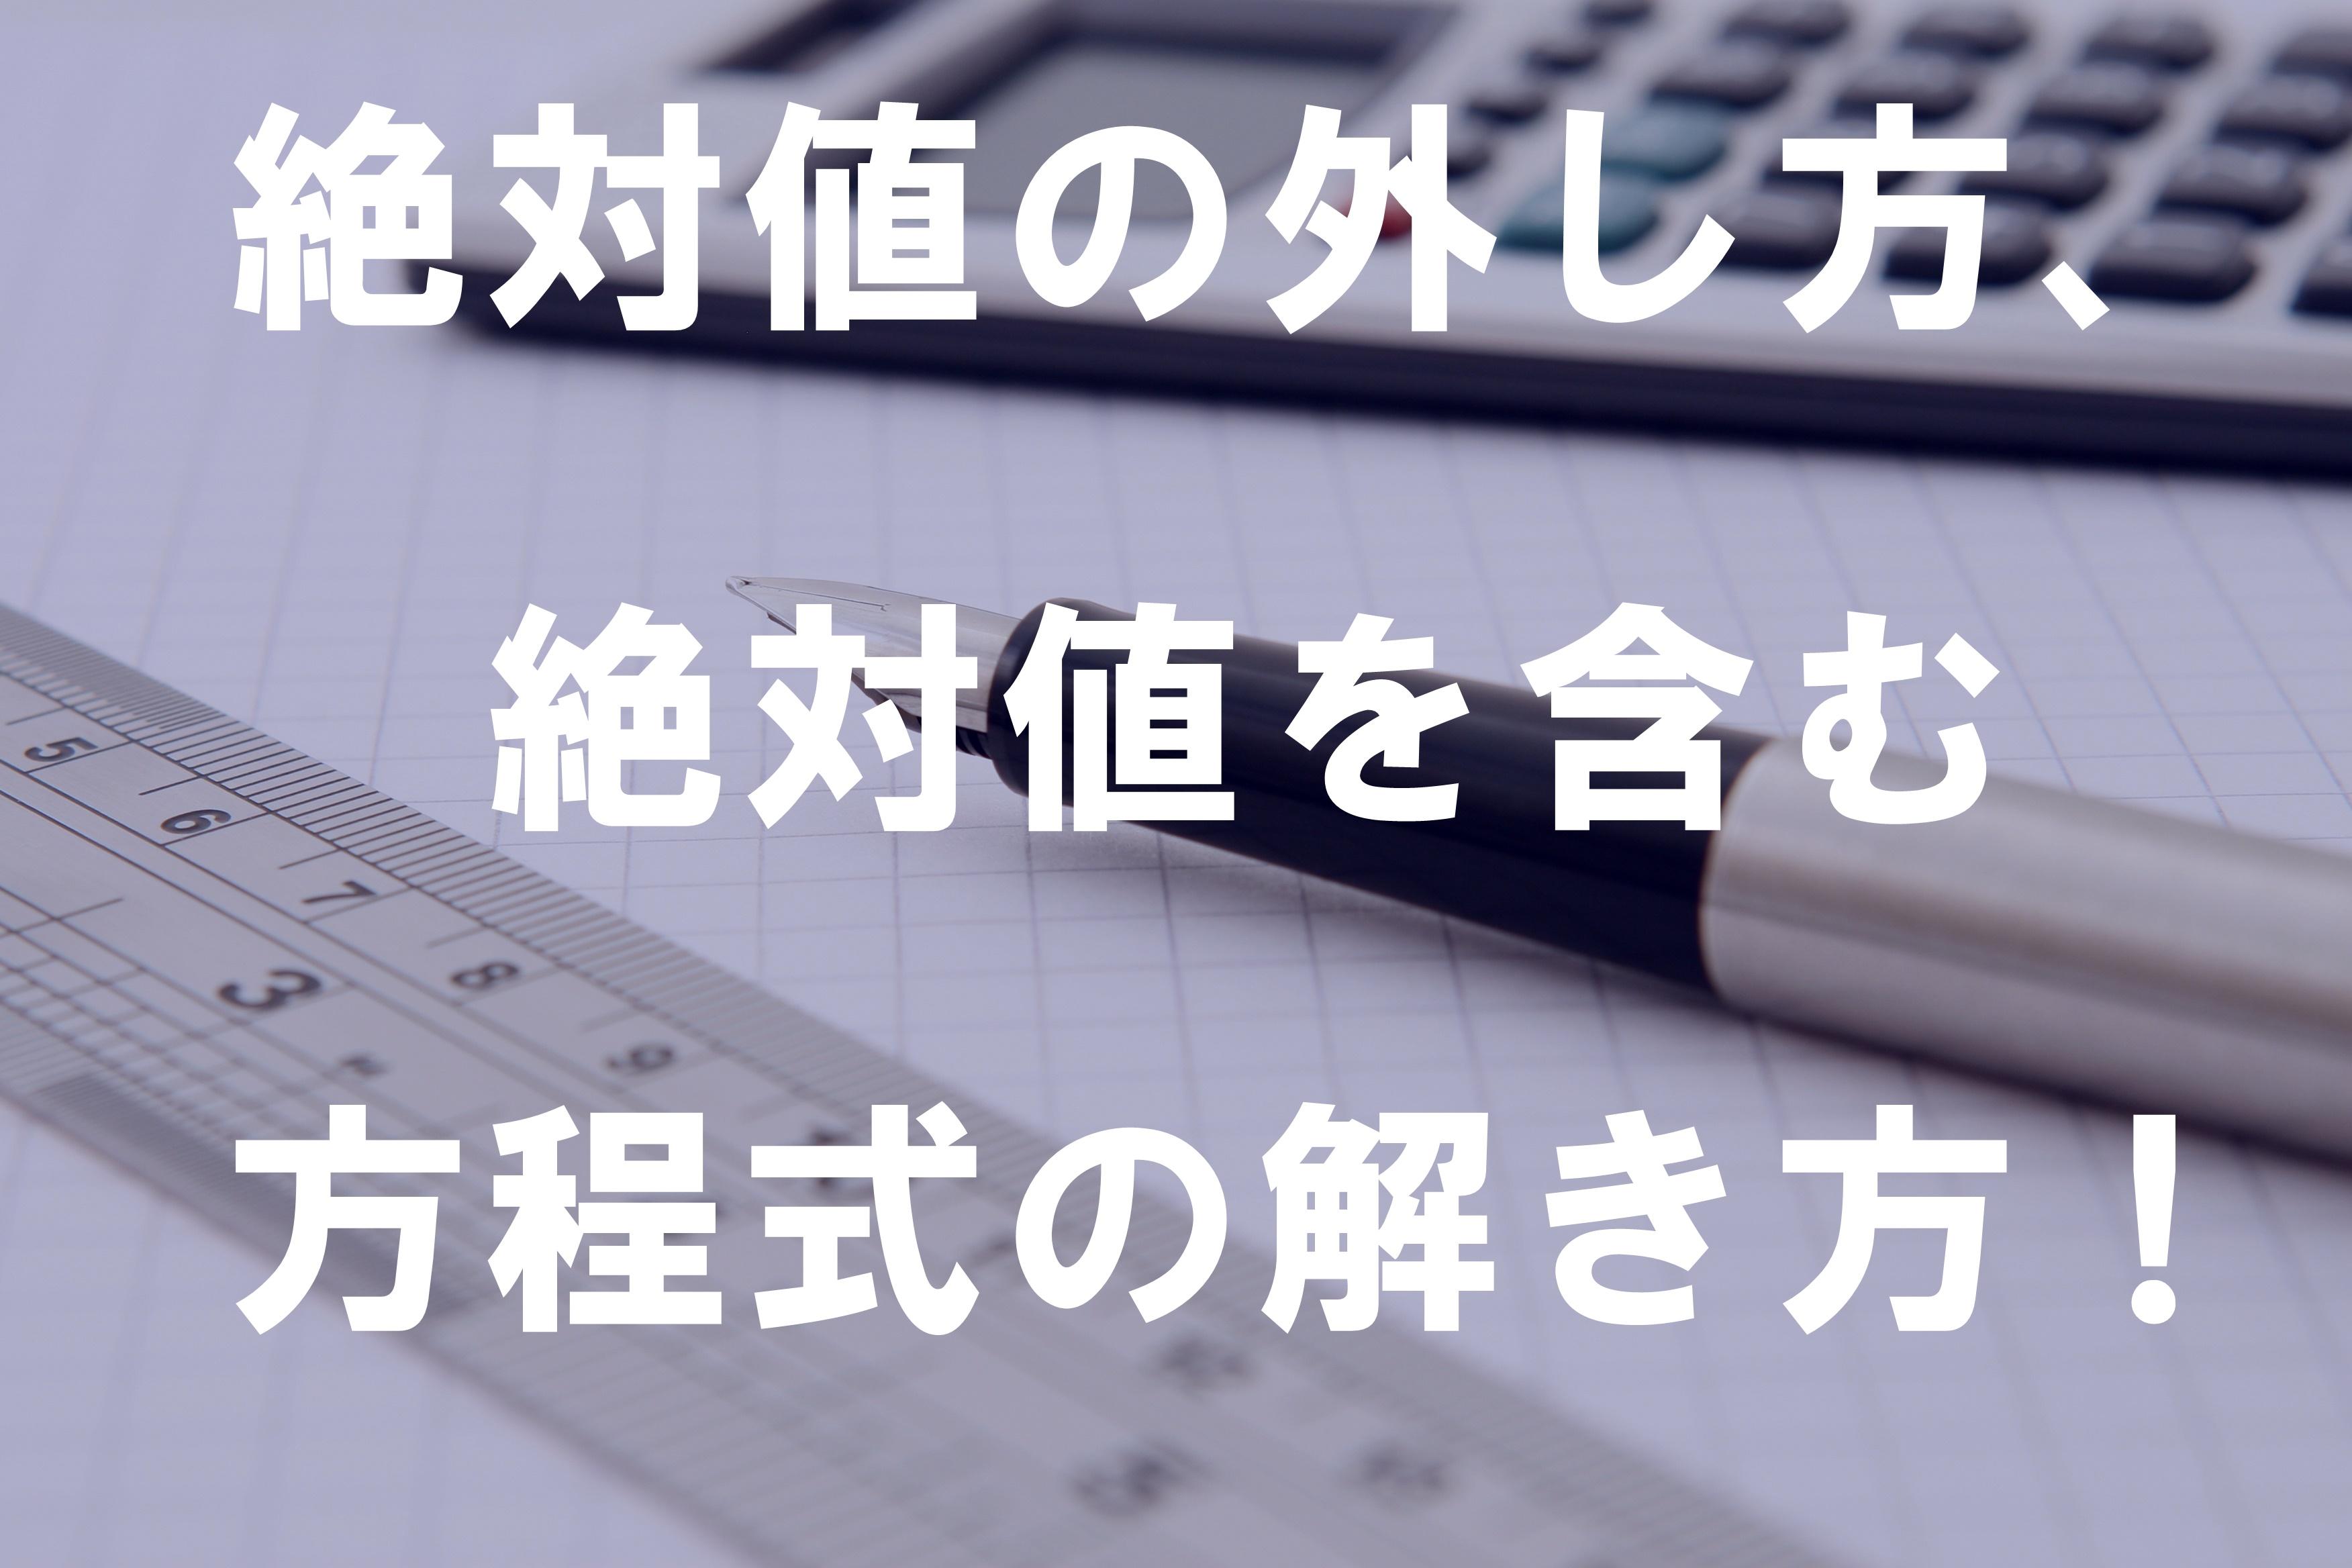 絶対値の外し方、絶対値を含む方程式の解き方!